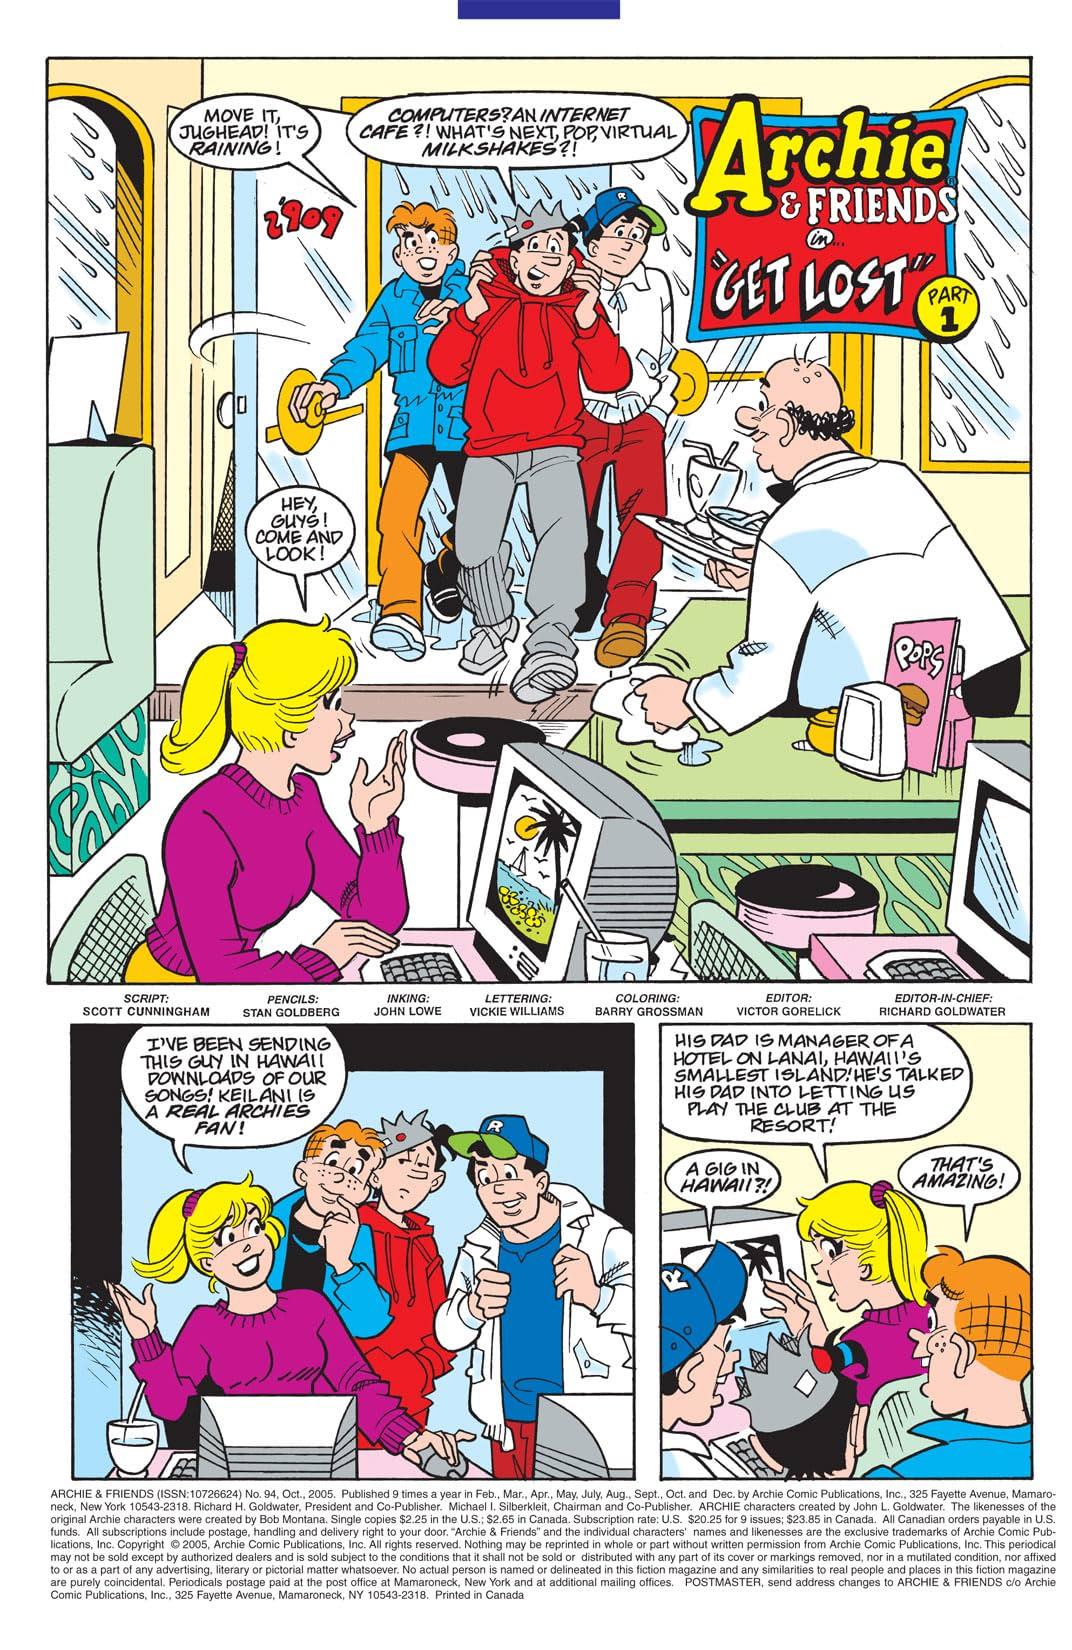 Archie & Friends #94